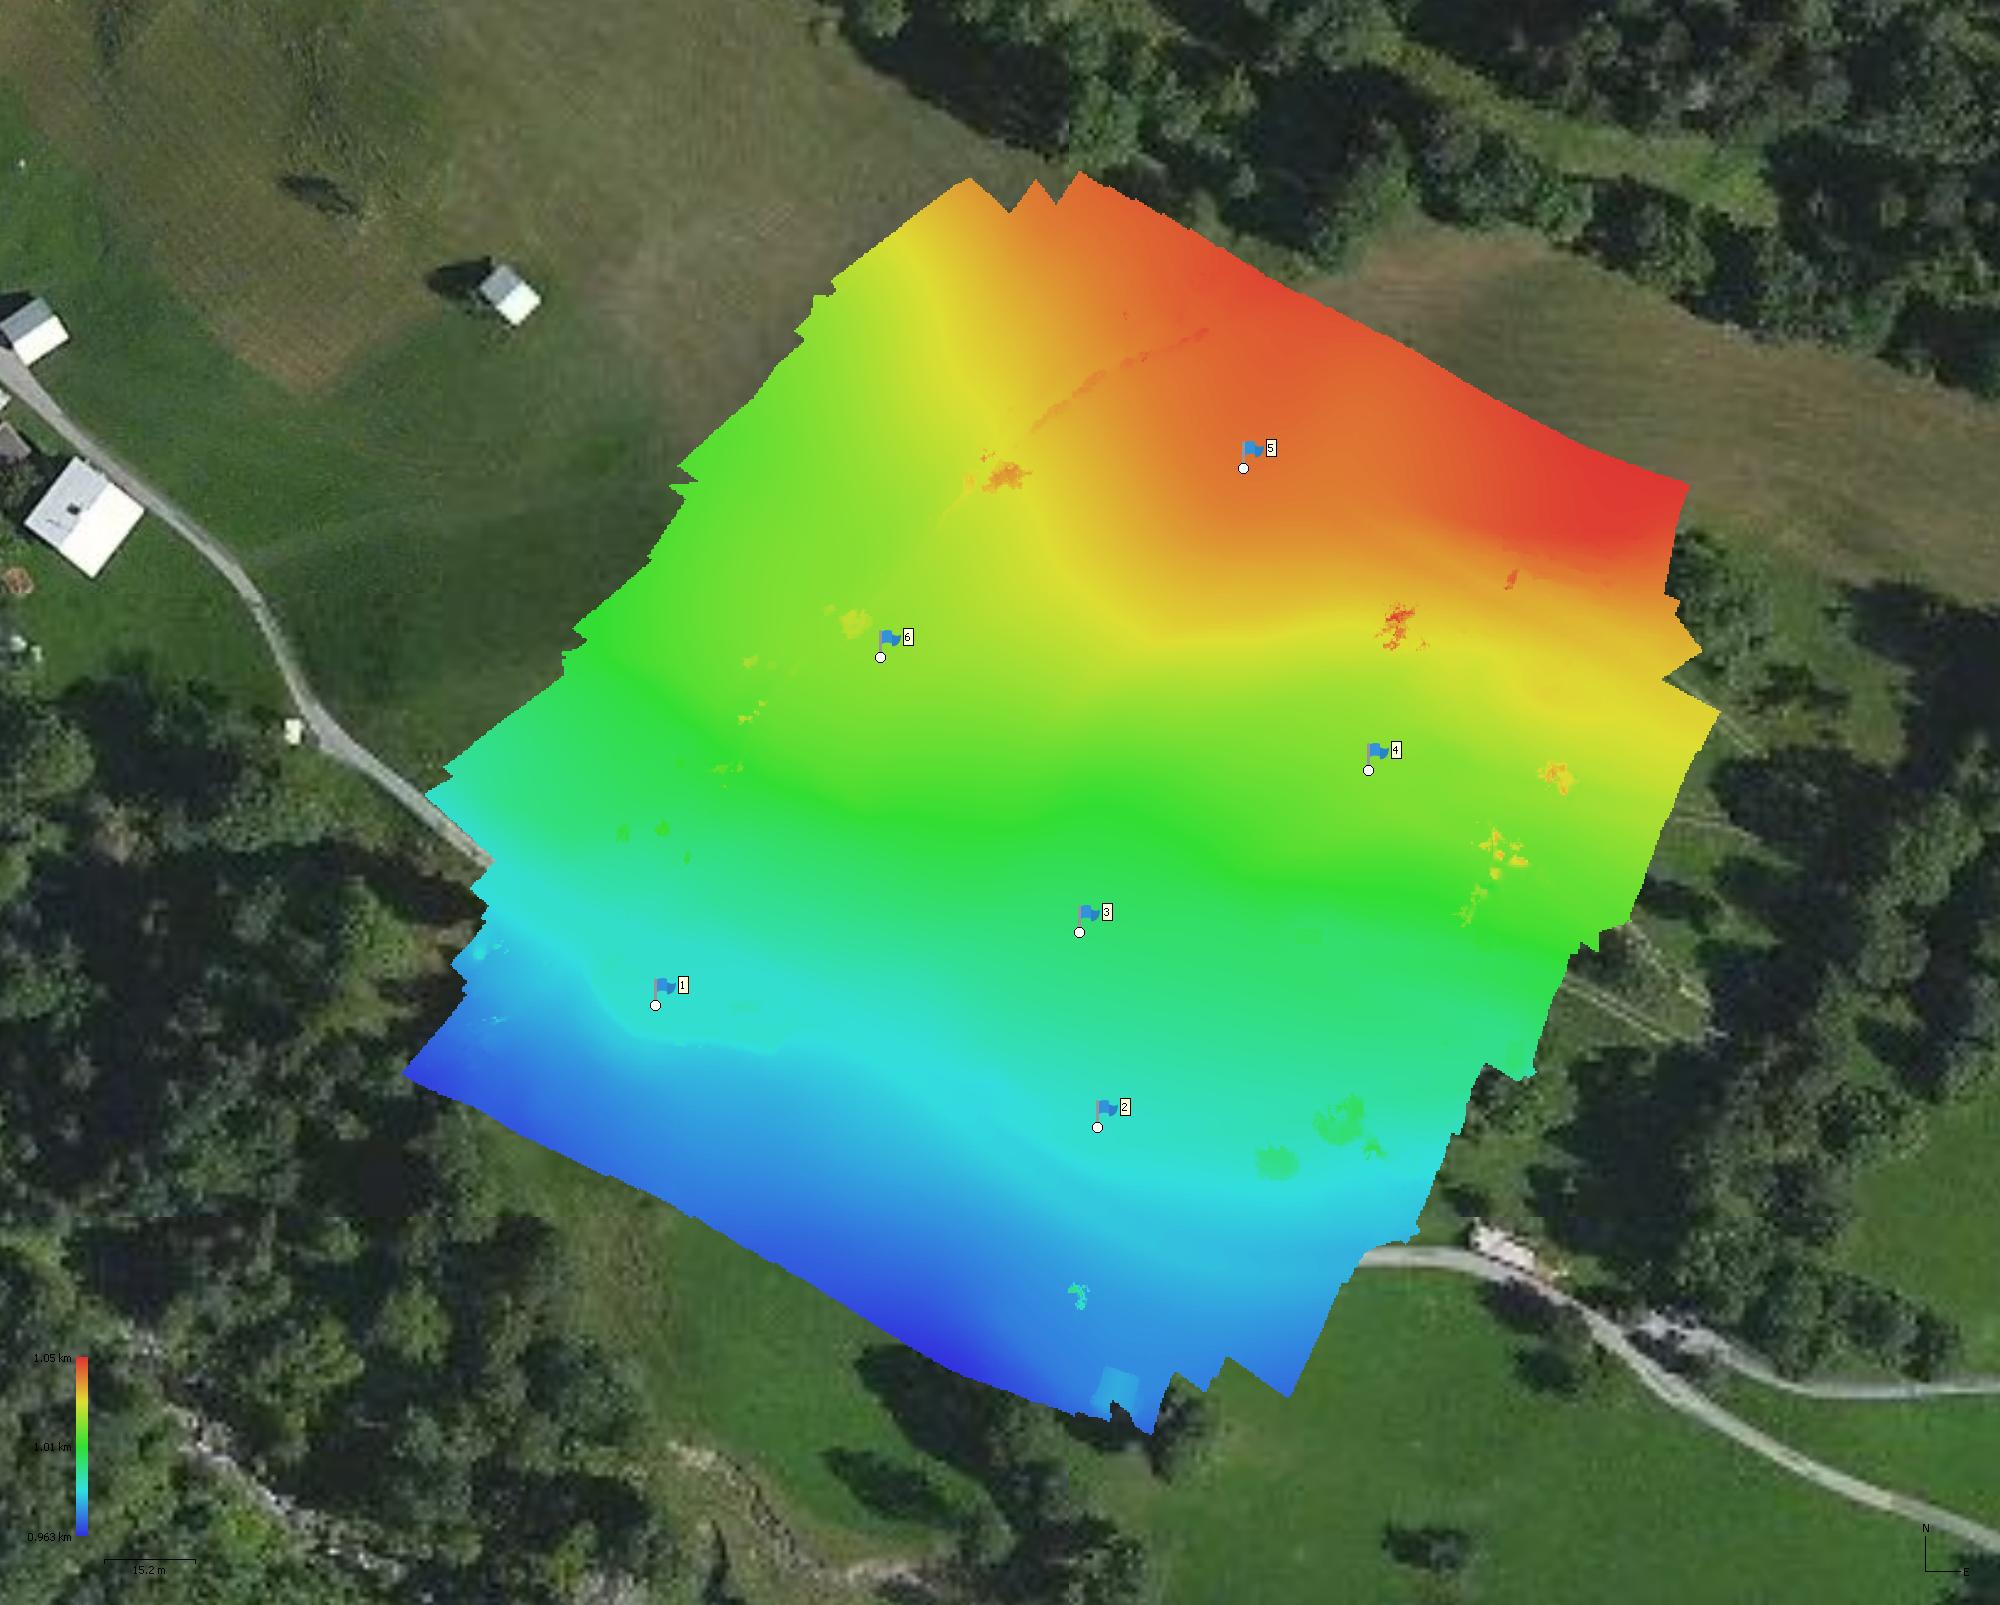 Höhenmodell erstellt mithilfe einer Drohne